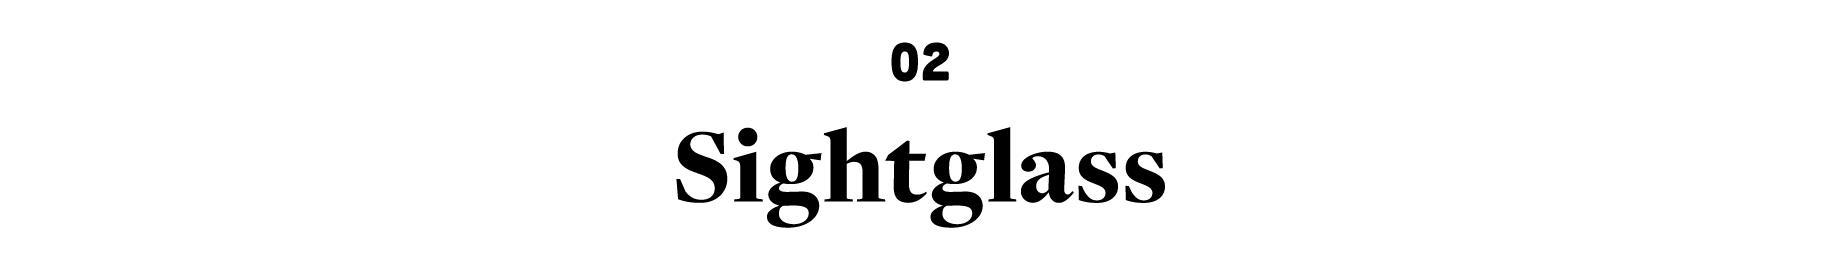 Coffee-Talk-Sightglass.png